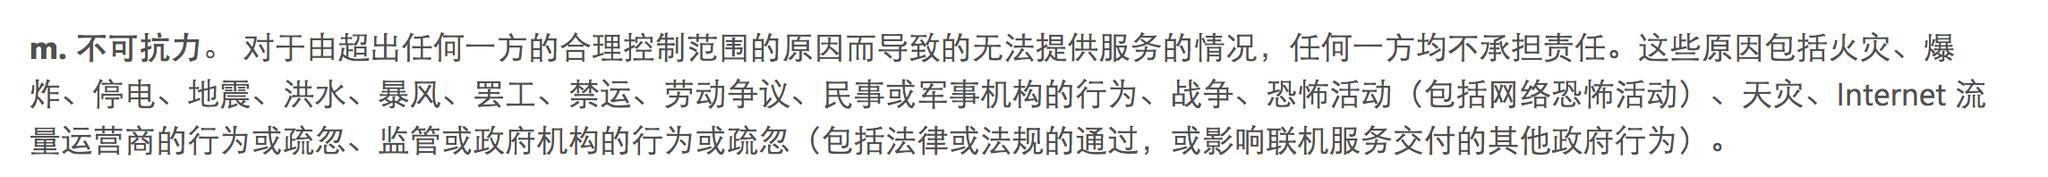 """微软辟谣""""断供""""中国用户,类似细则早已存在"""